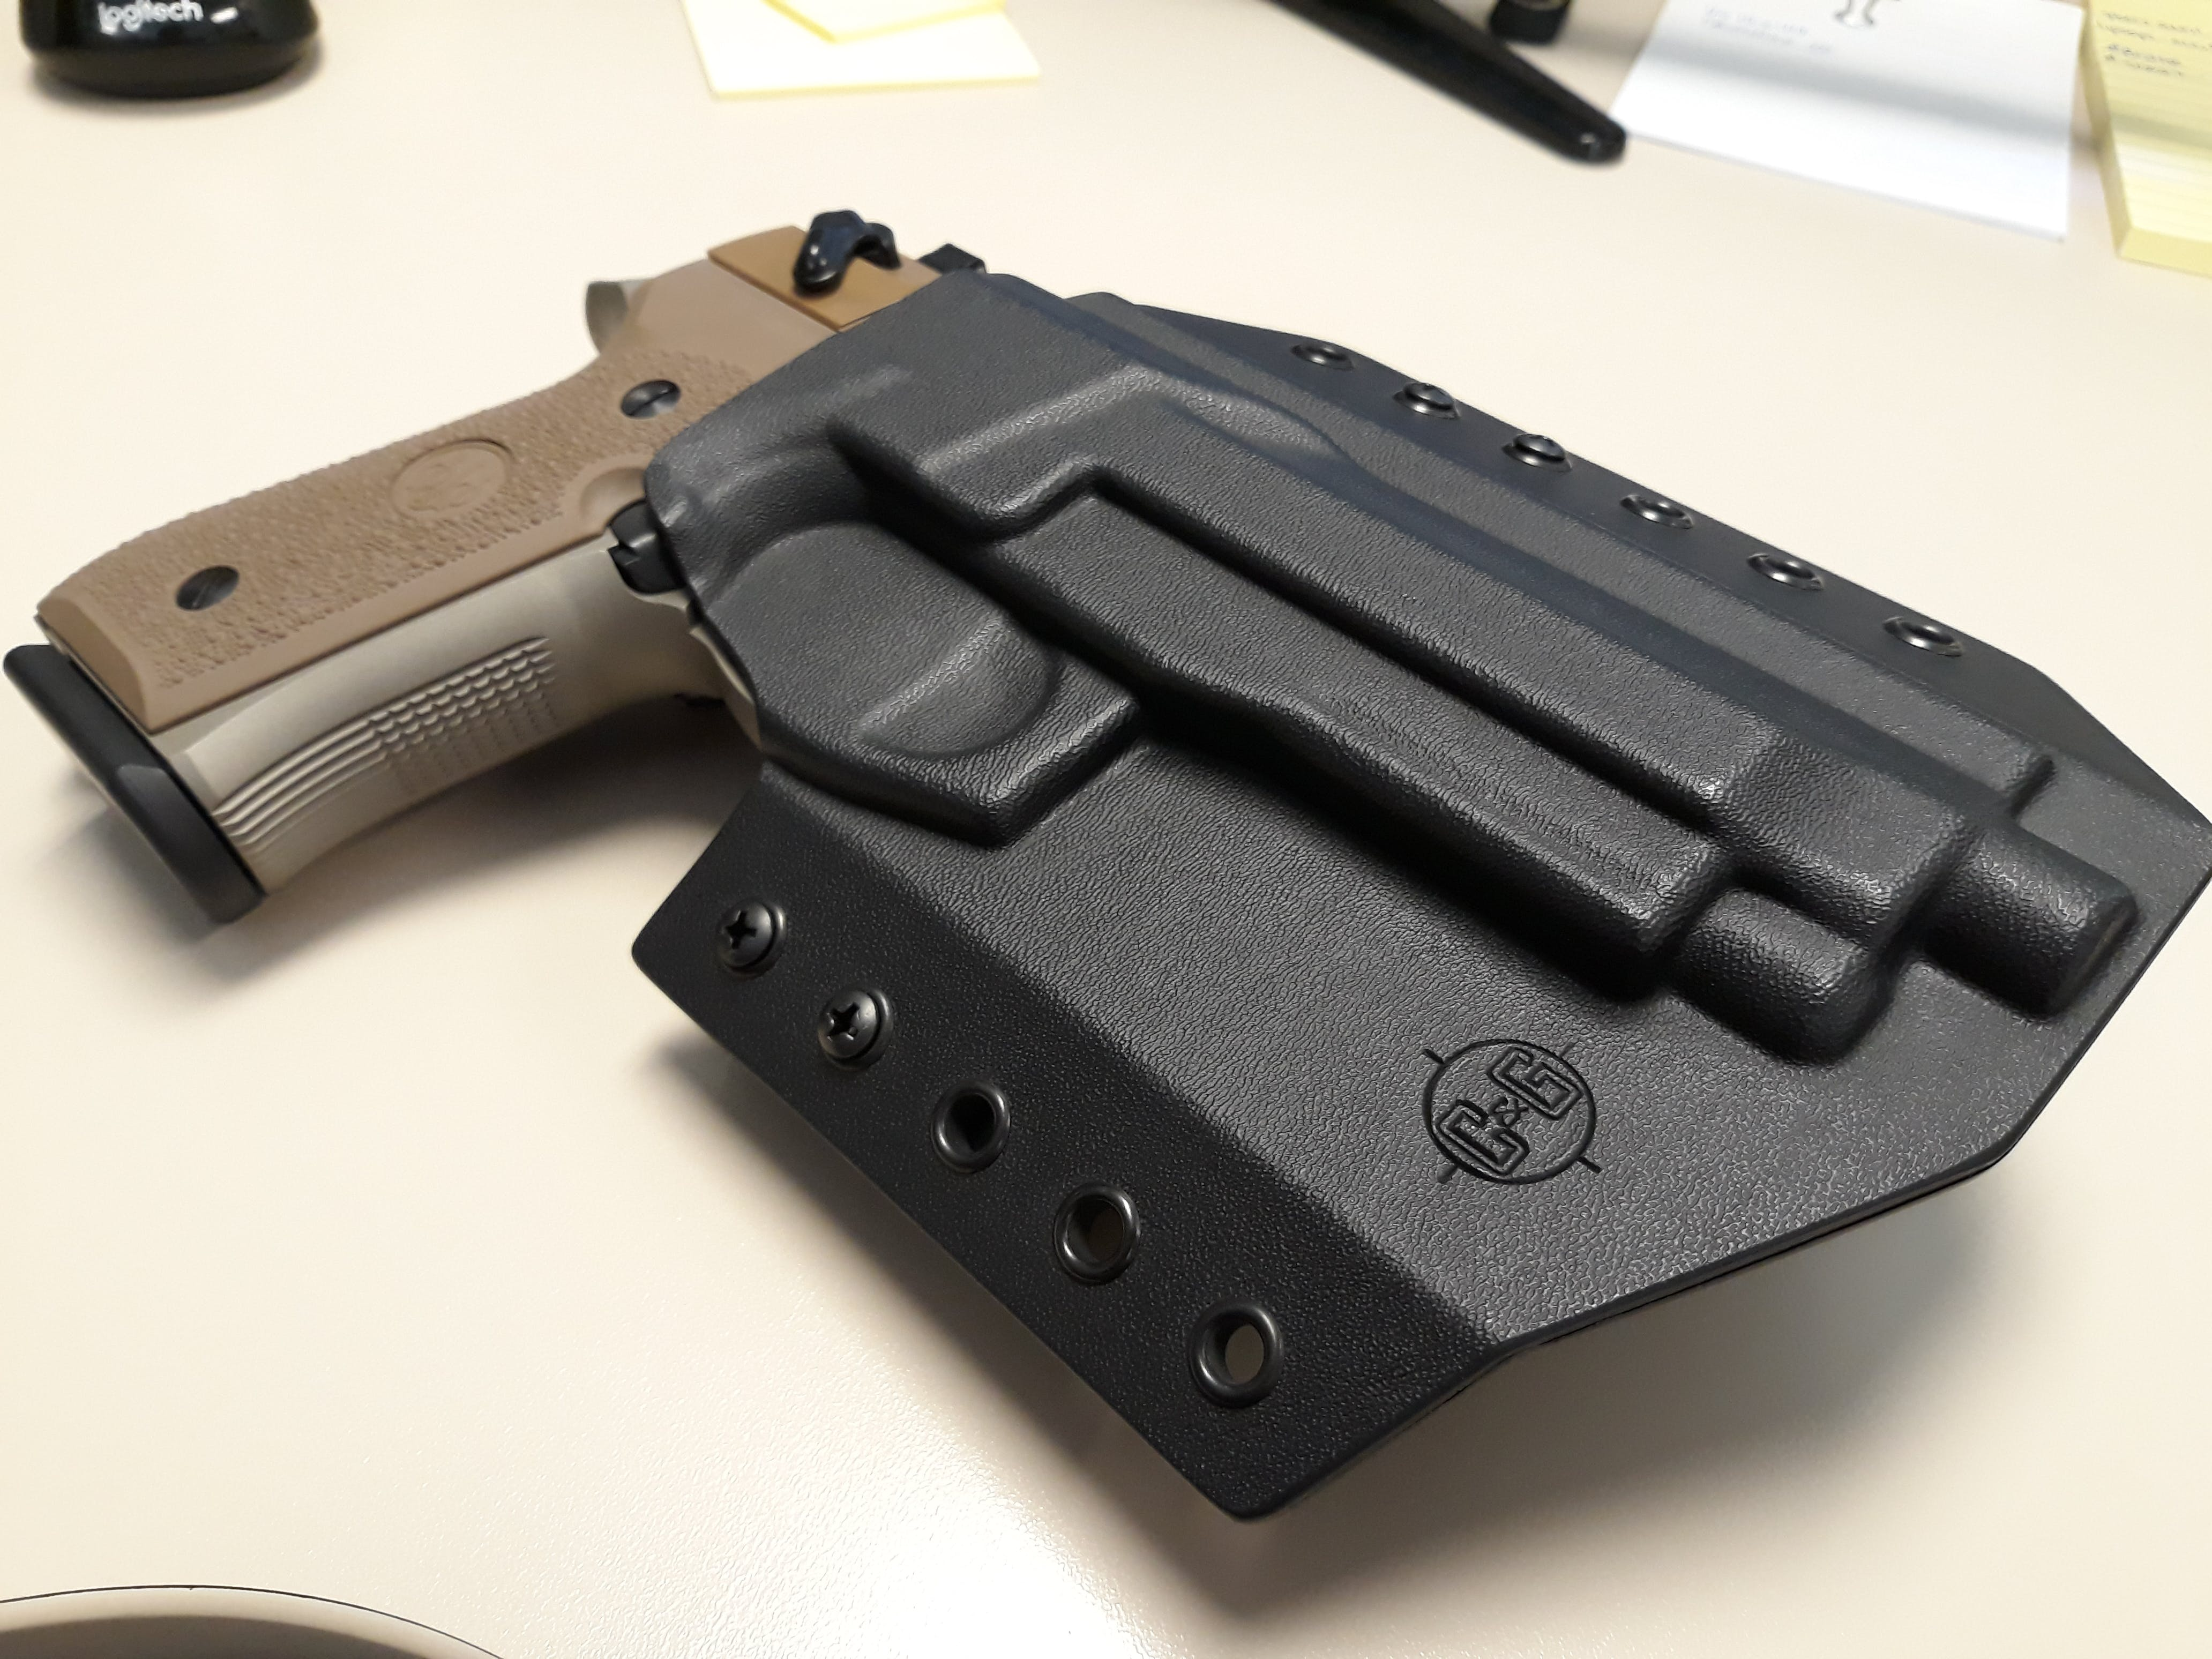 Beretta 92FS/96/M9A3/Vertec OWB Covert Kydex Holster - Quickship